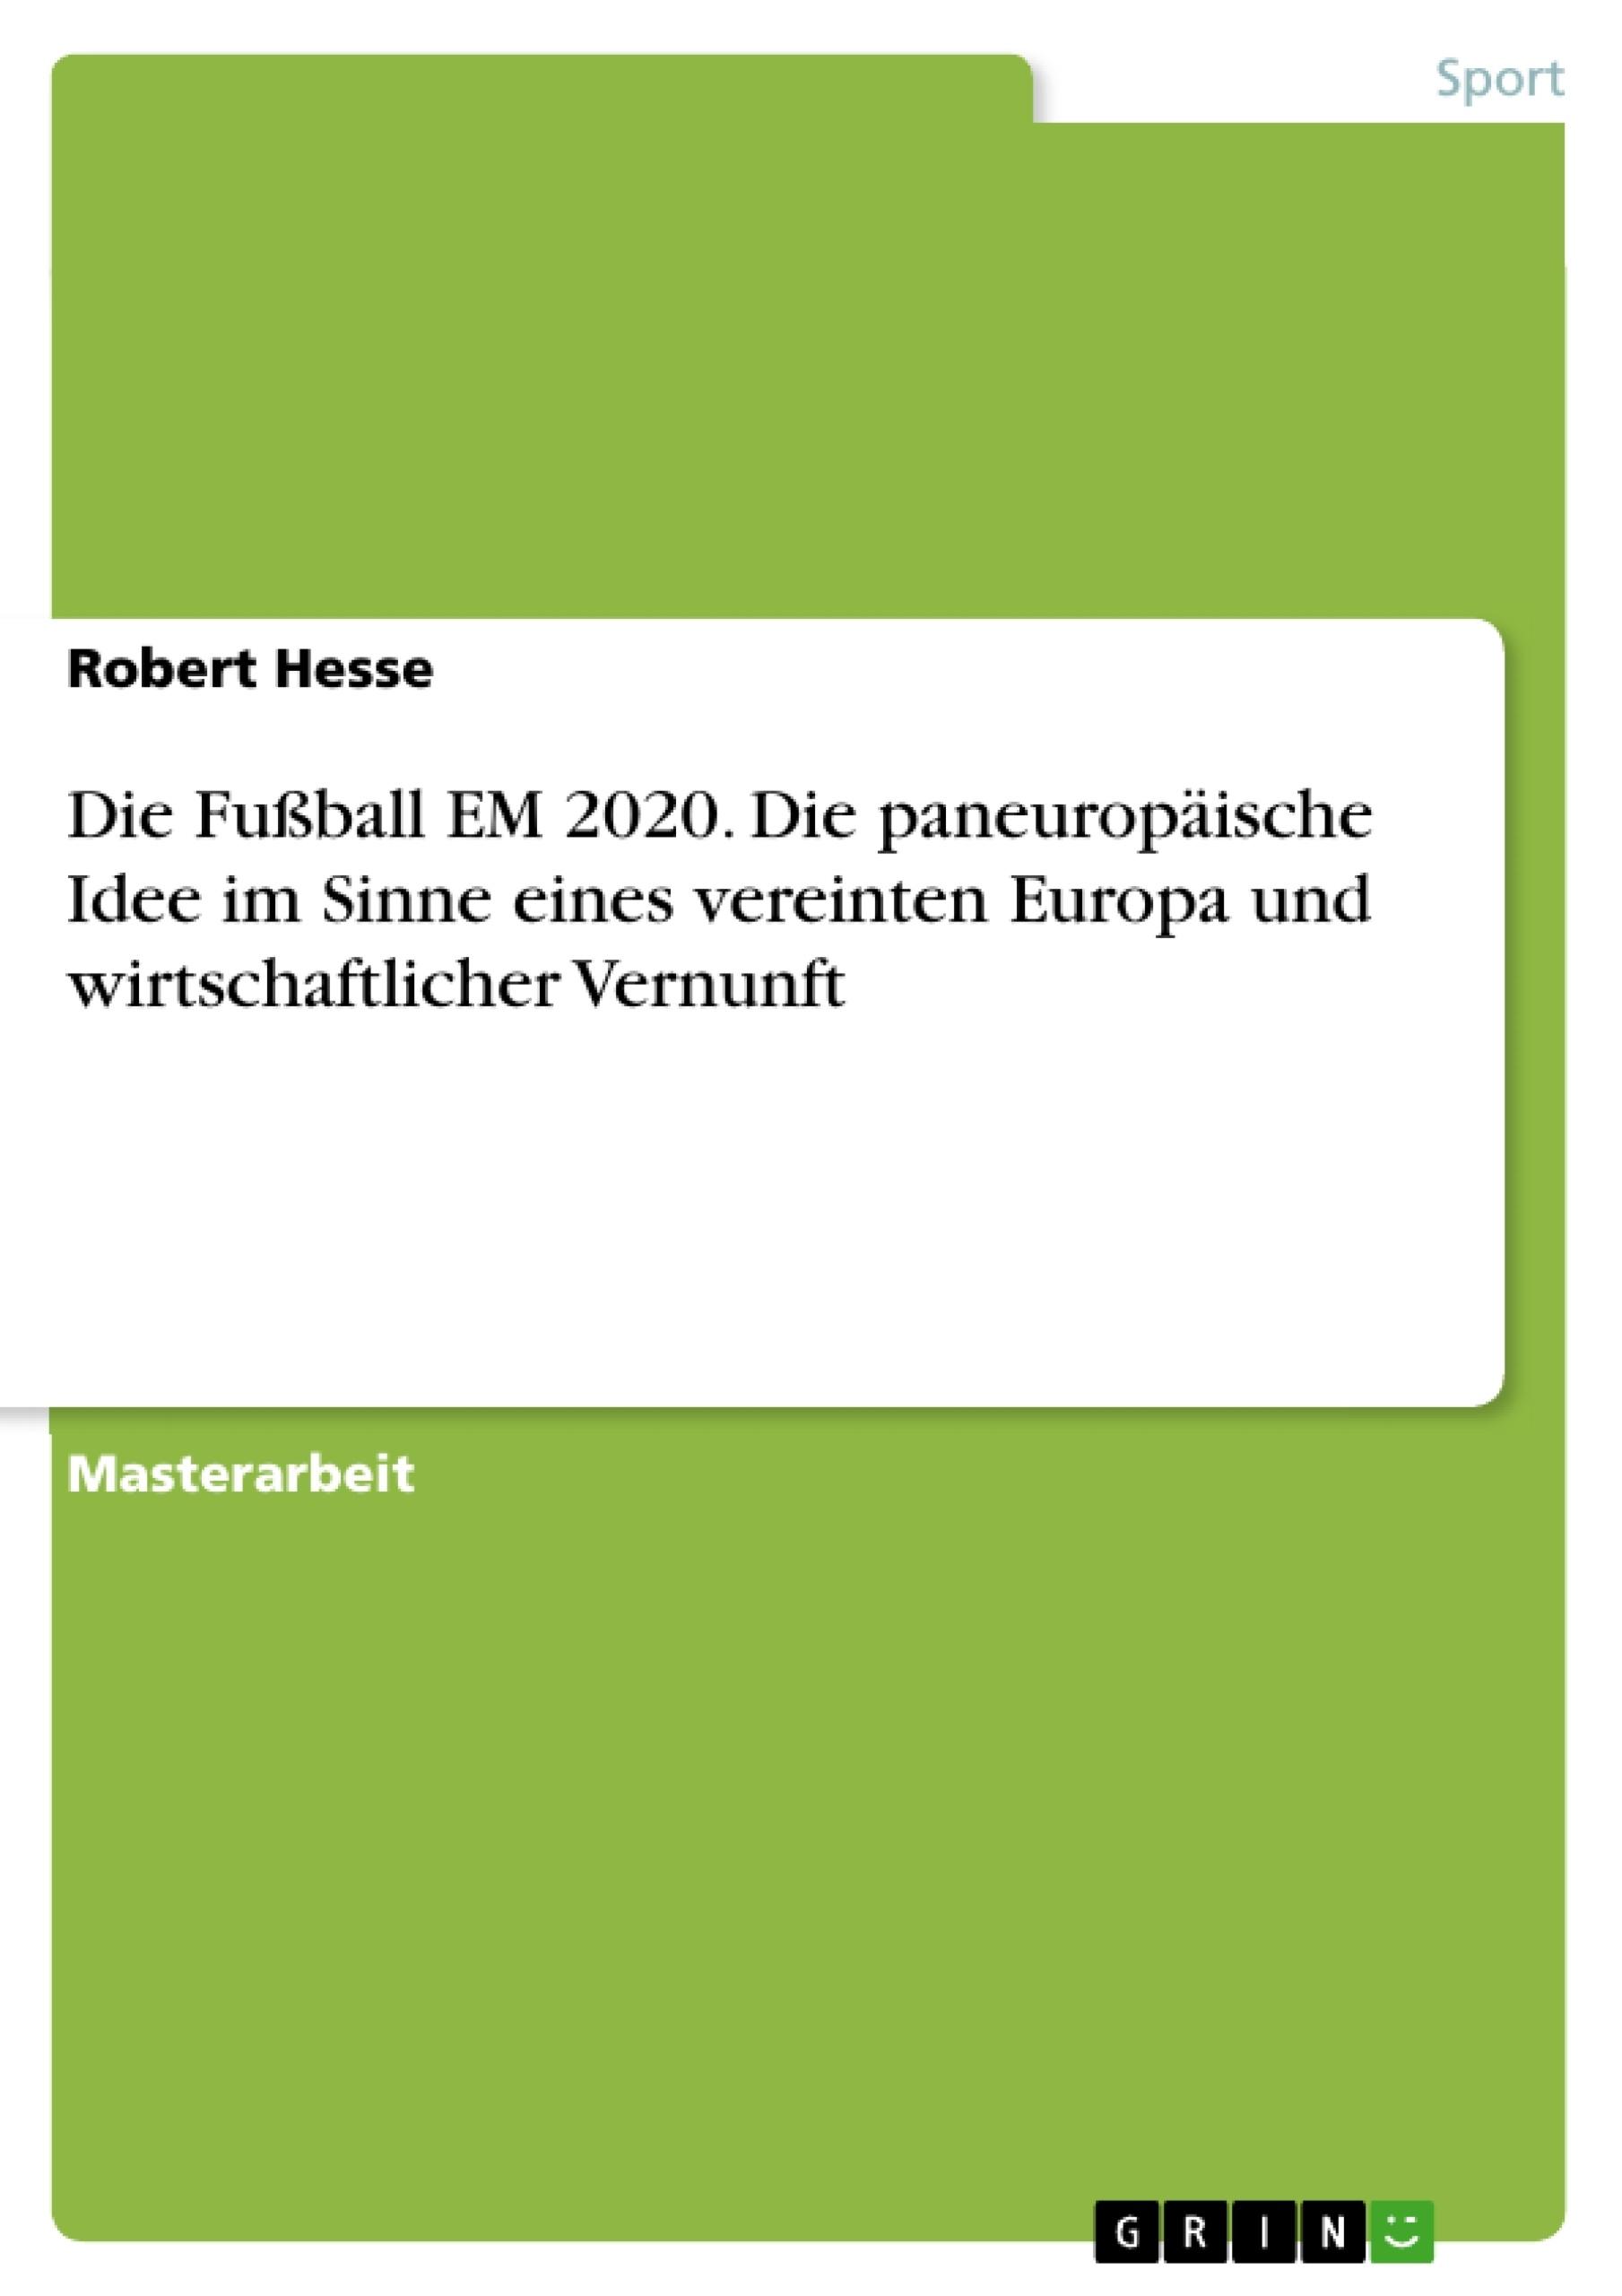 Titel: Die Fußball EM 2020. Die paneuropäische Idee im Sinne eines vereinten Europa und wirtschaftlicher Vernunft